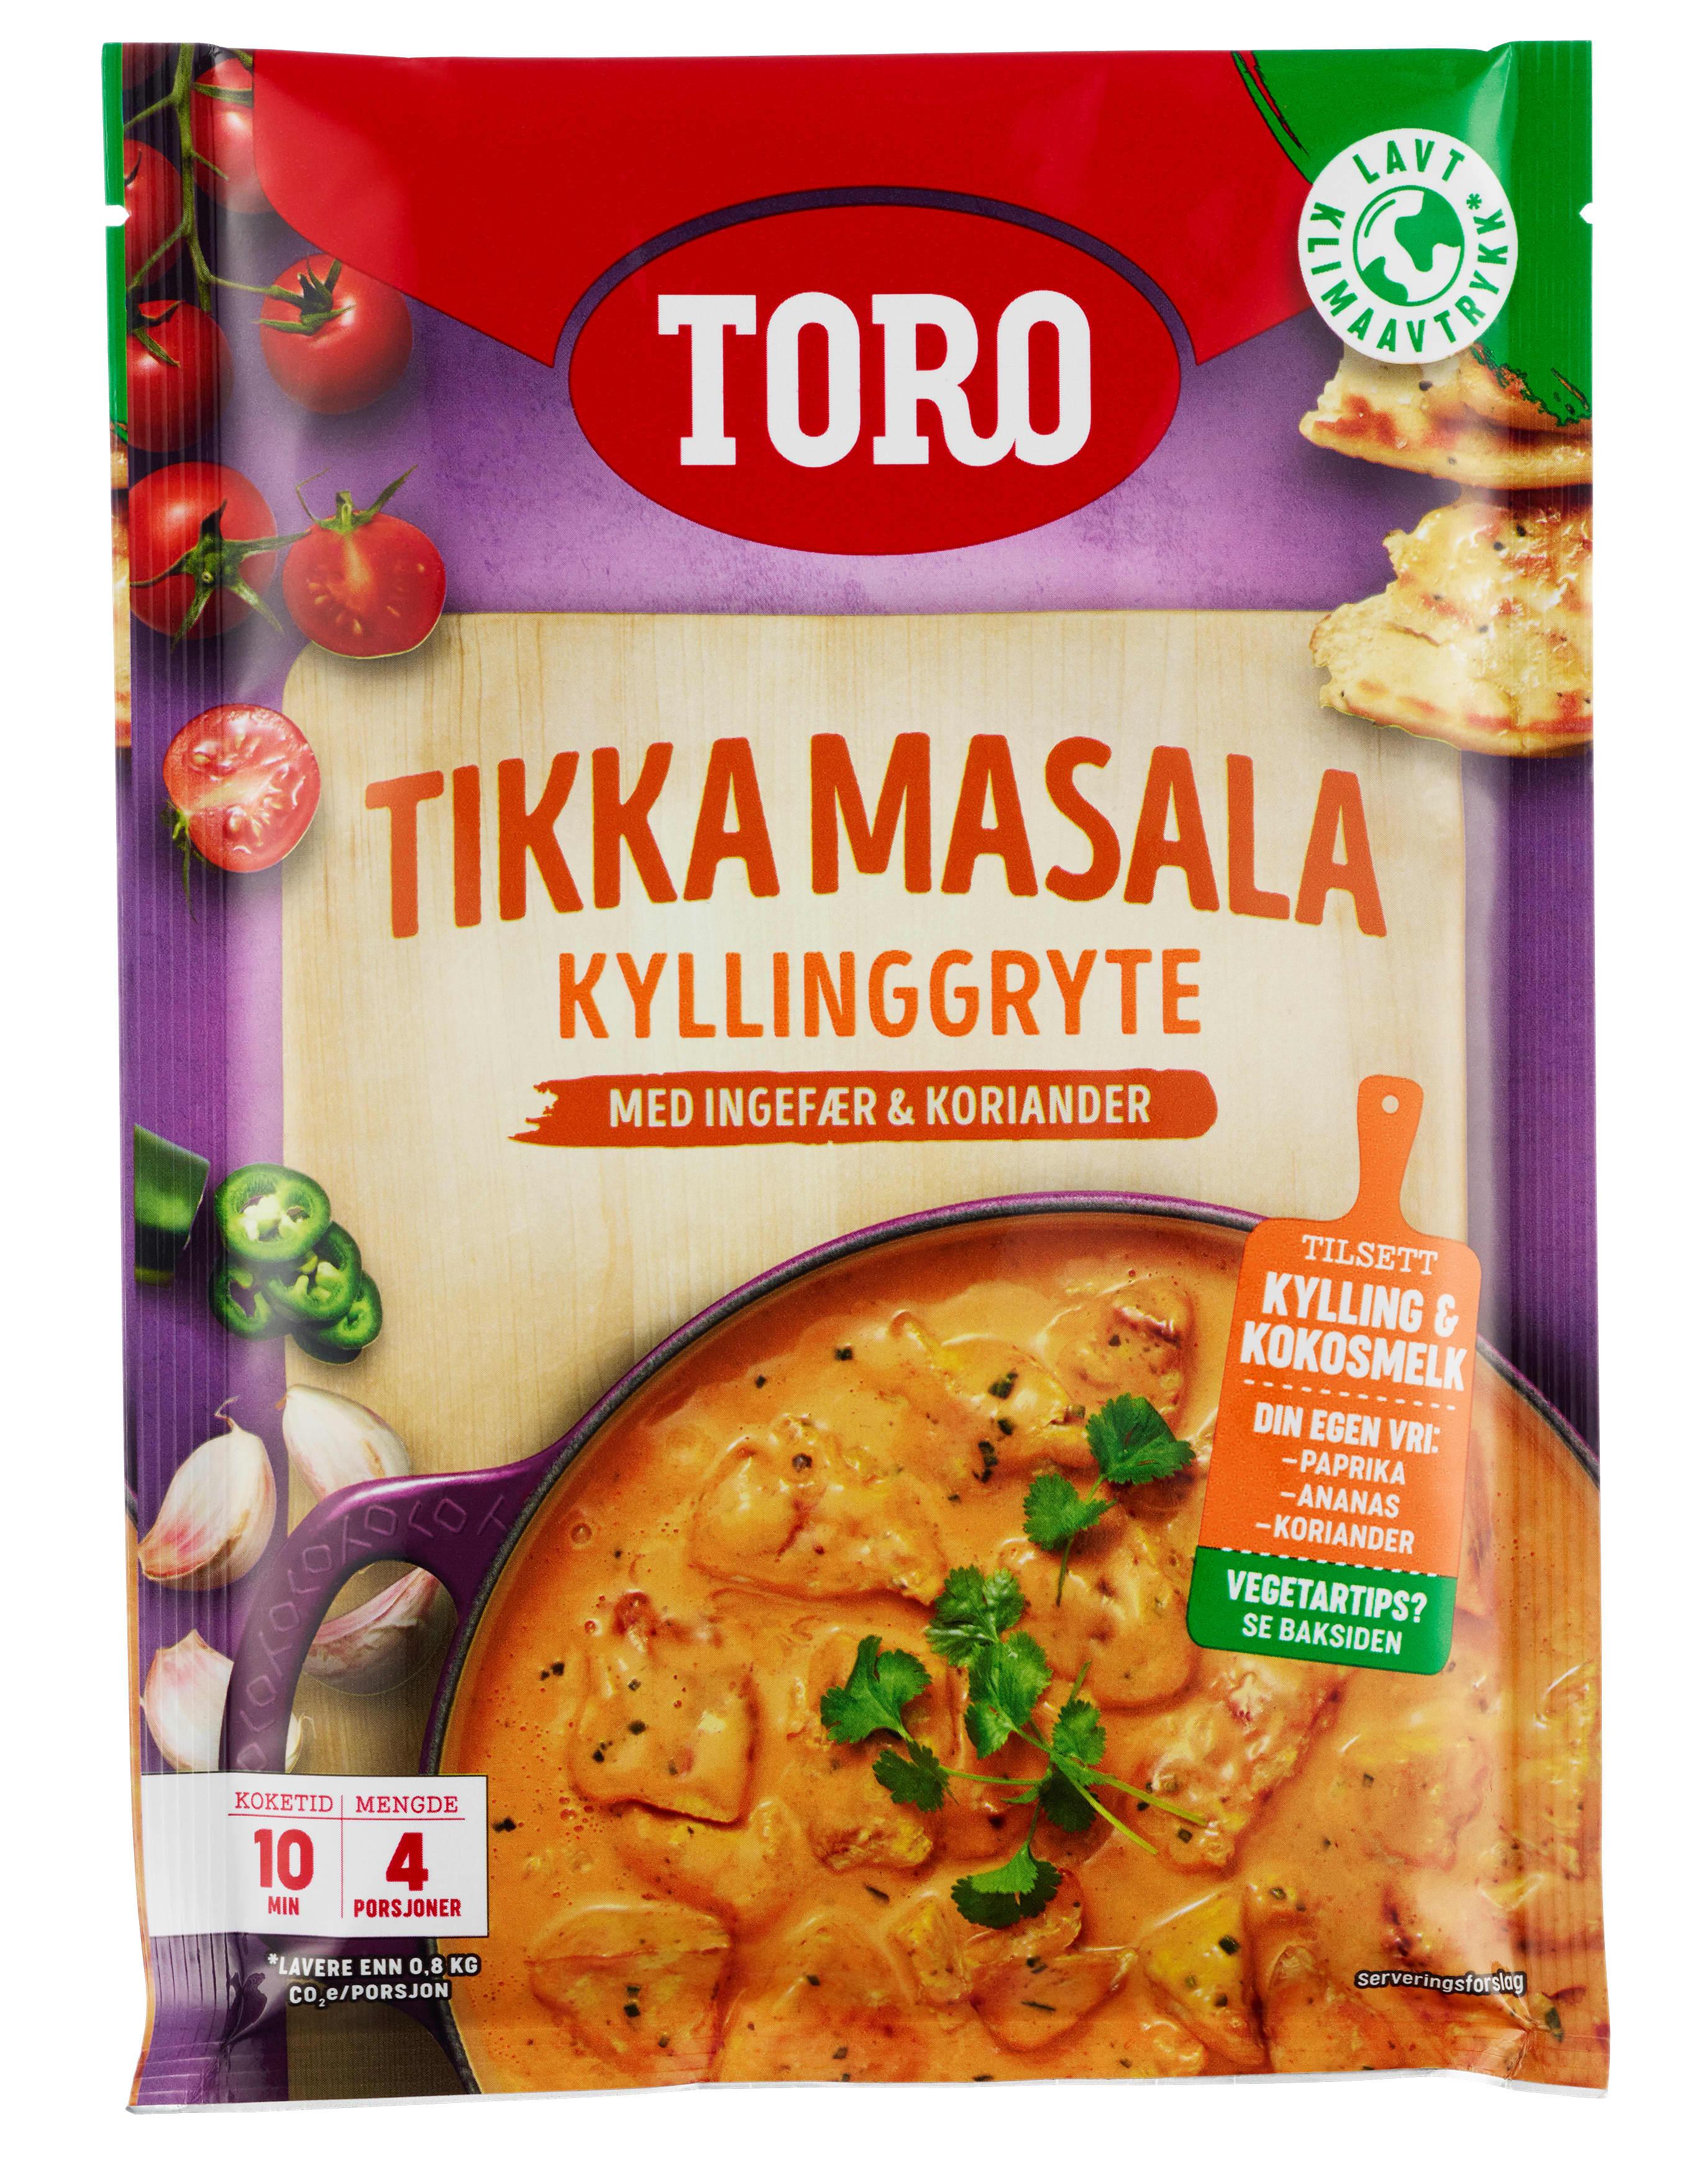 TORO Tikka masala kyllinggryte